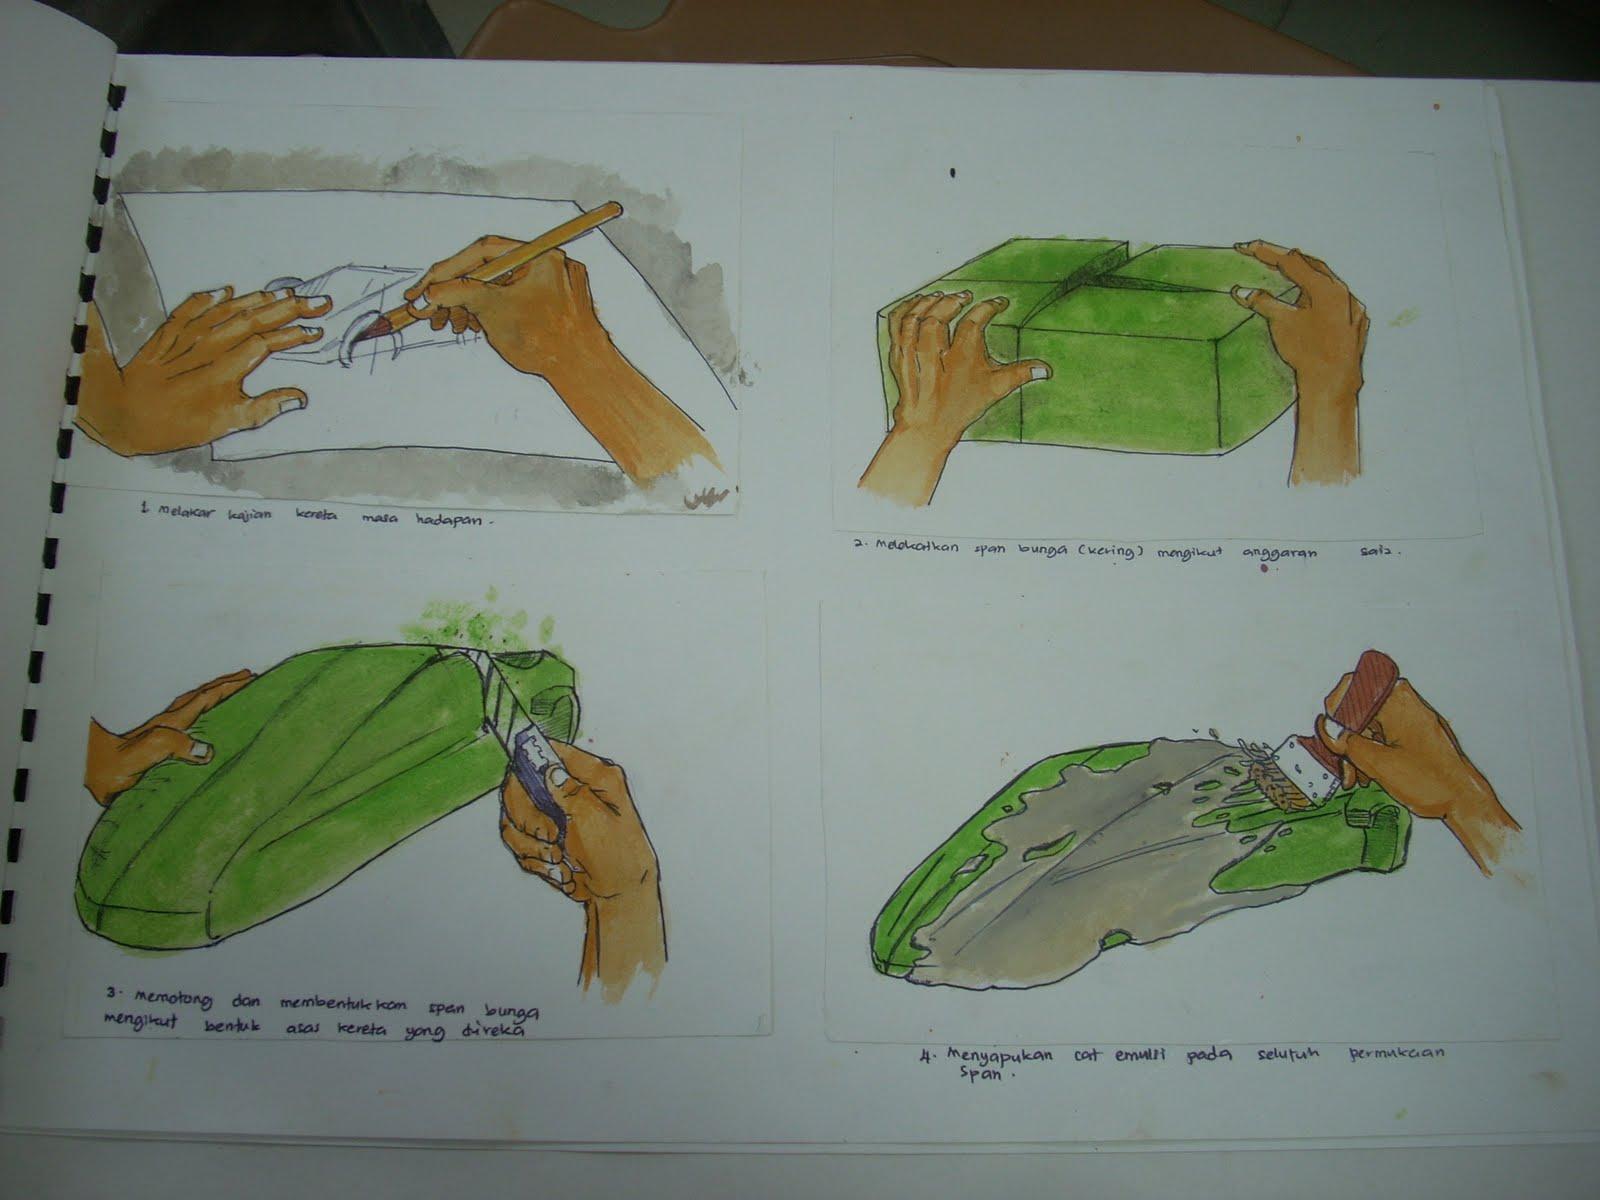 Contoh folio SPM 2010 (kereta)